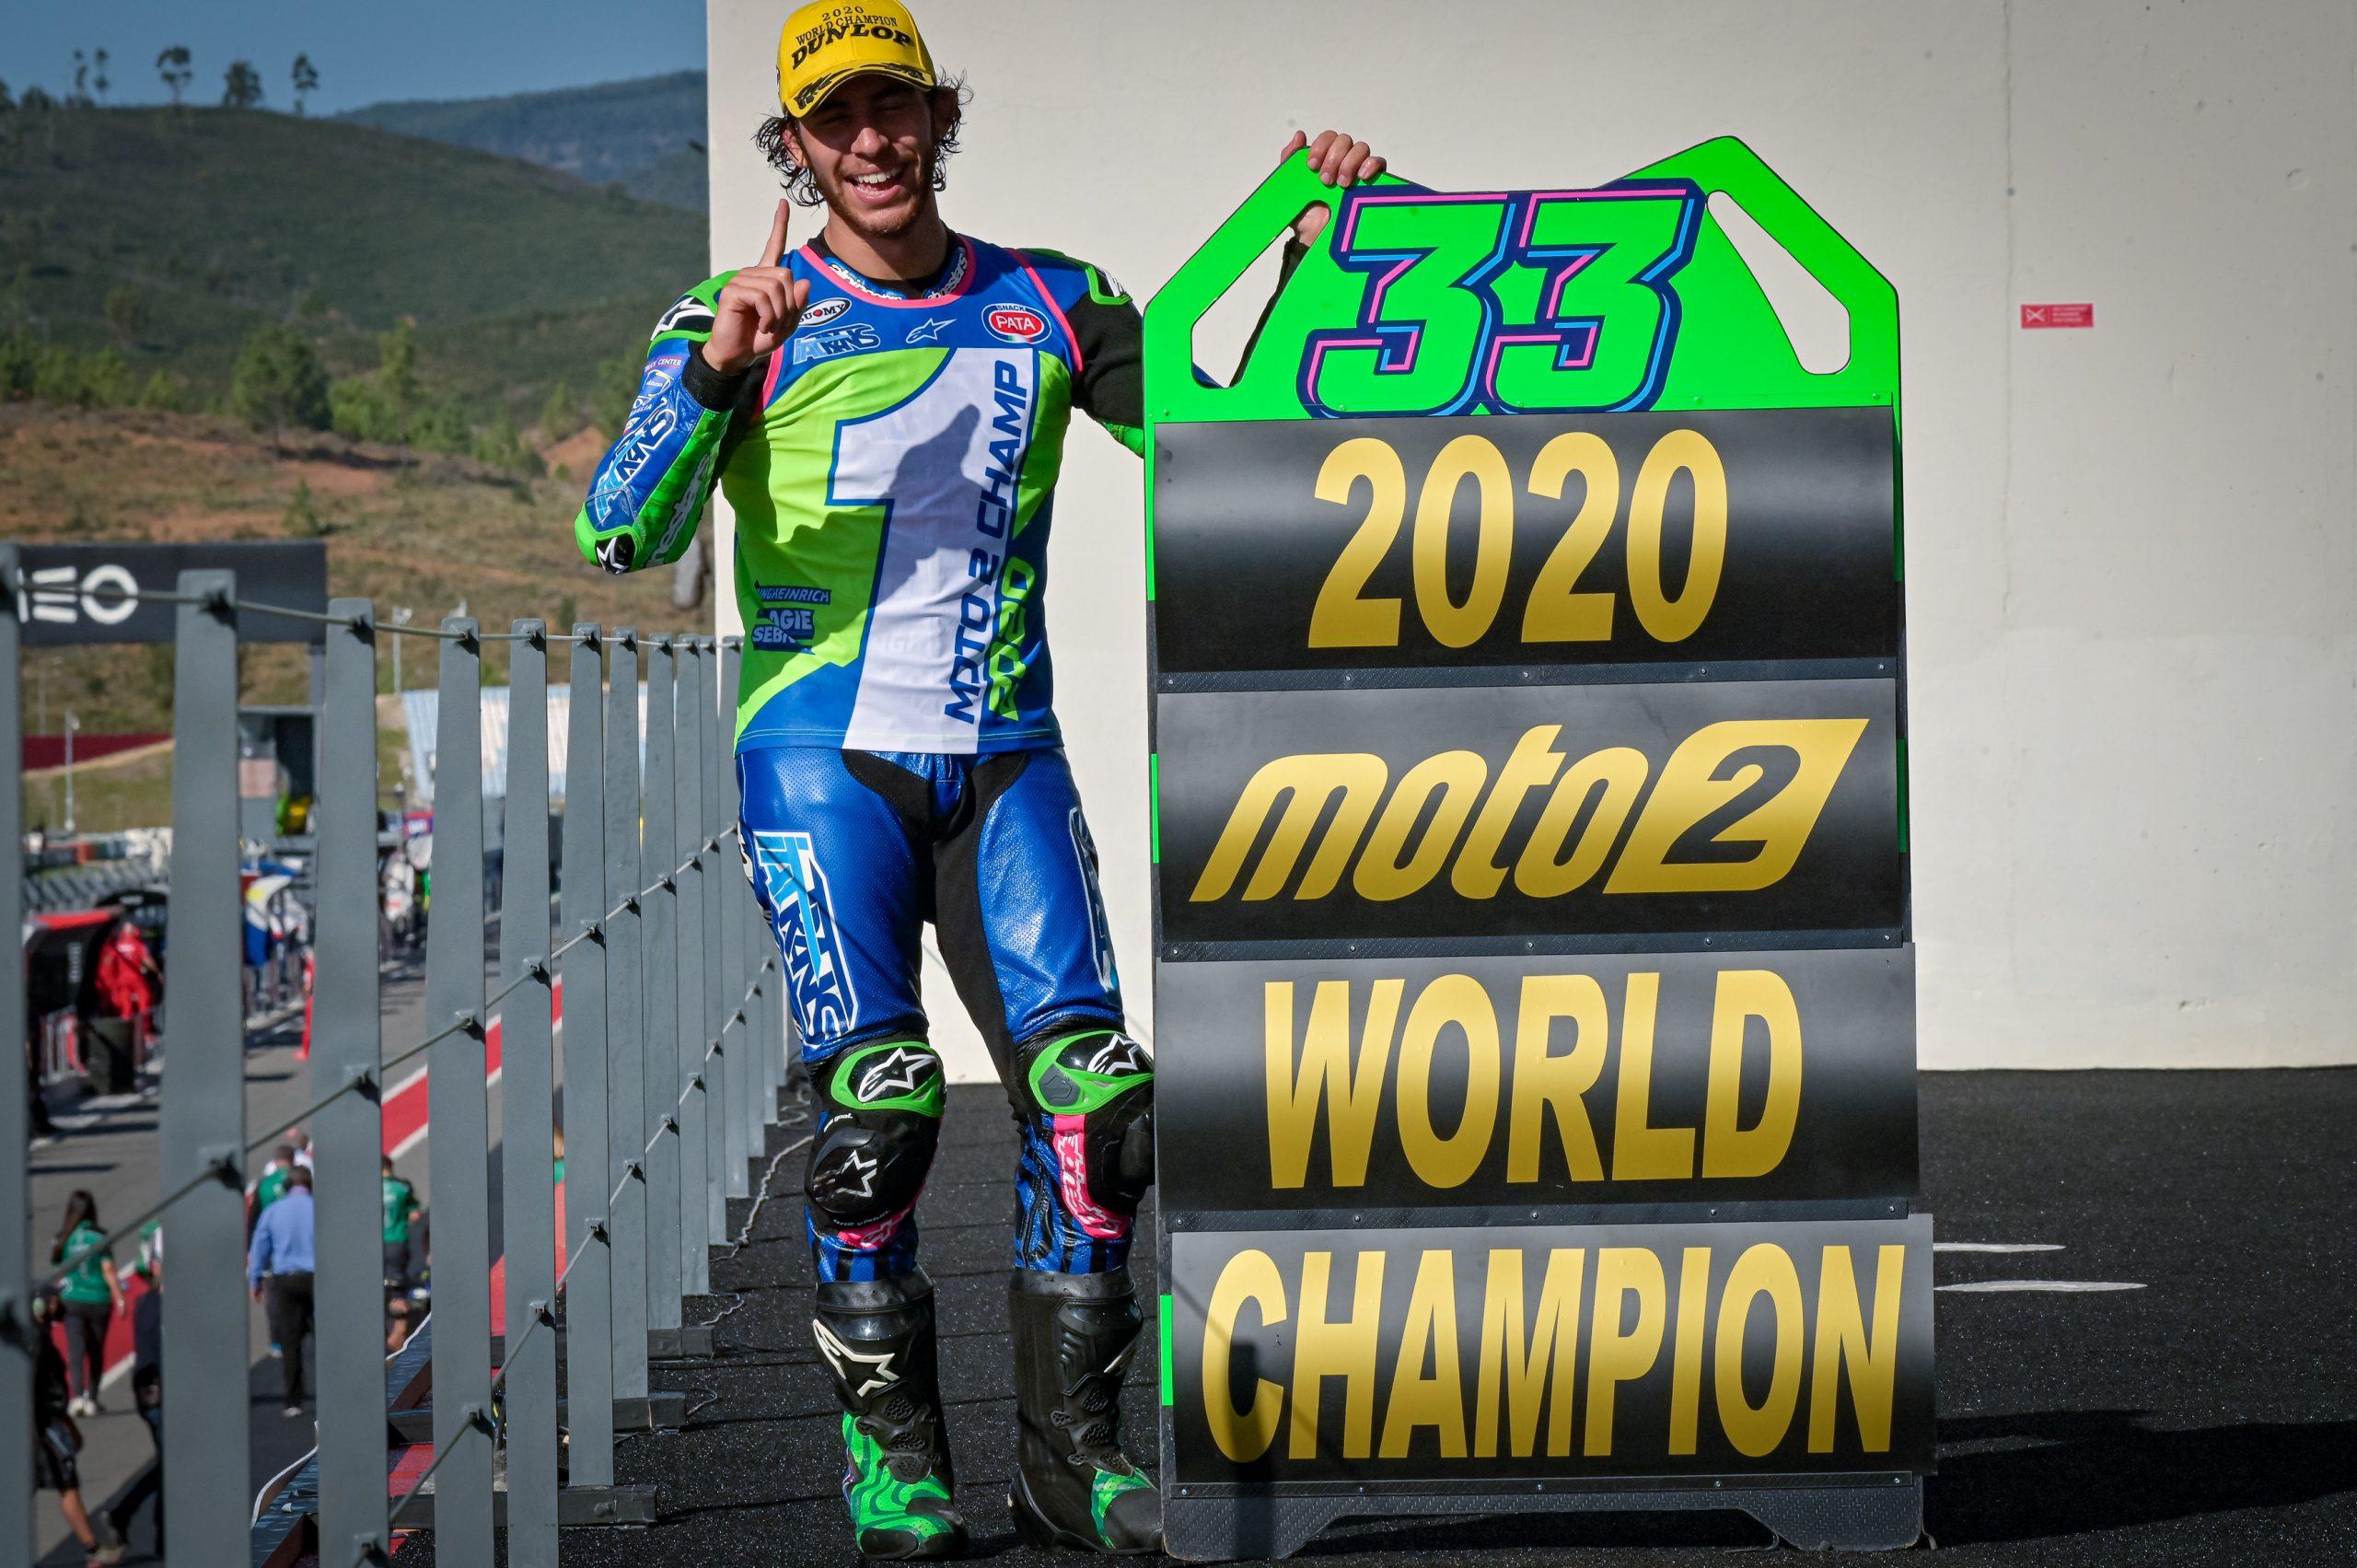 Enea Bastianini – mistrz świata Moto2 w sezonie 2020